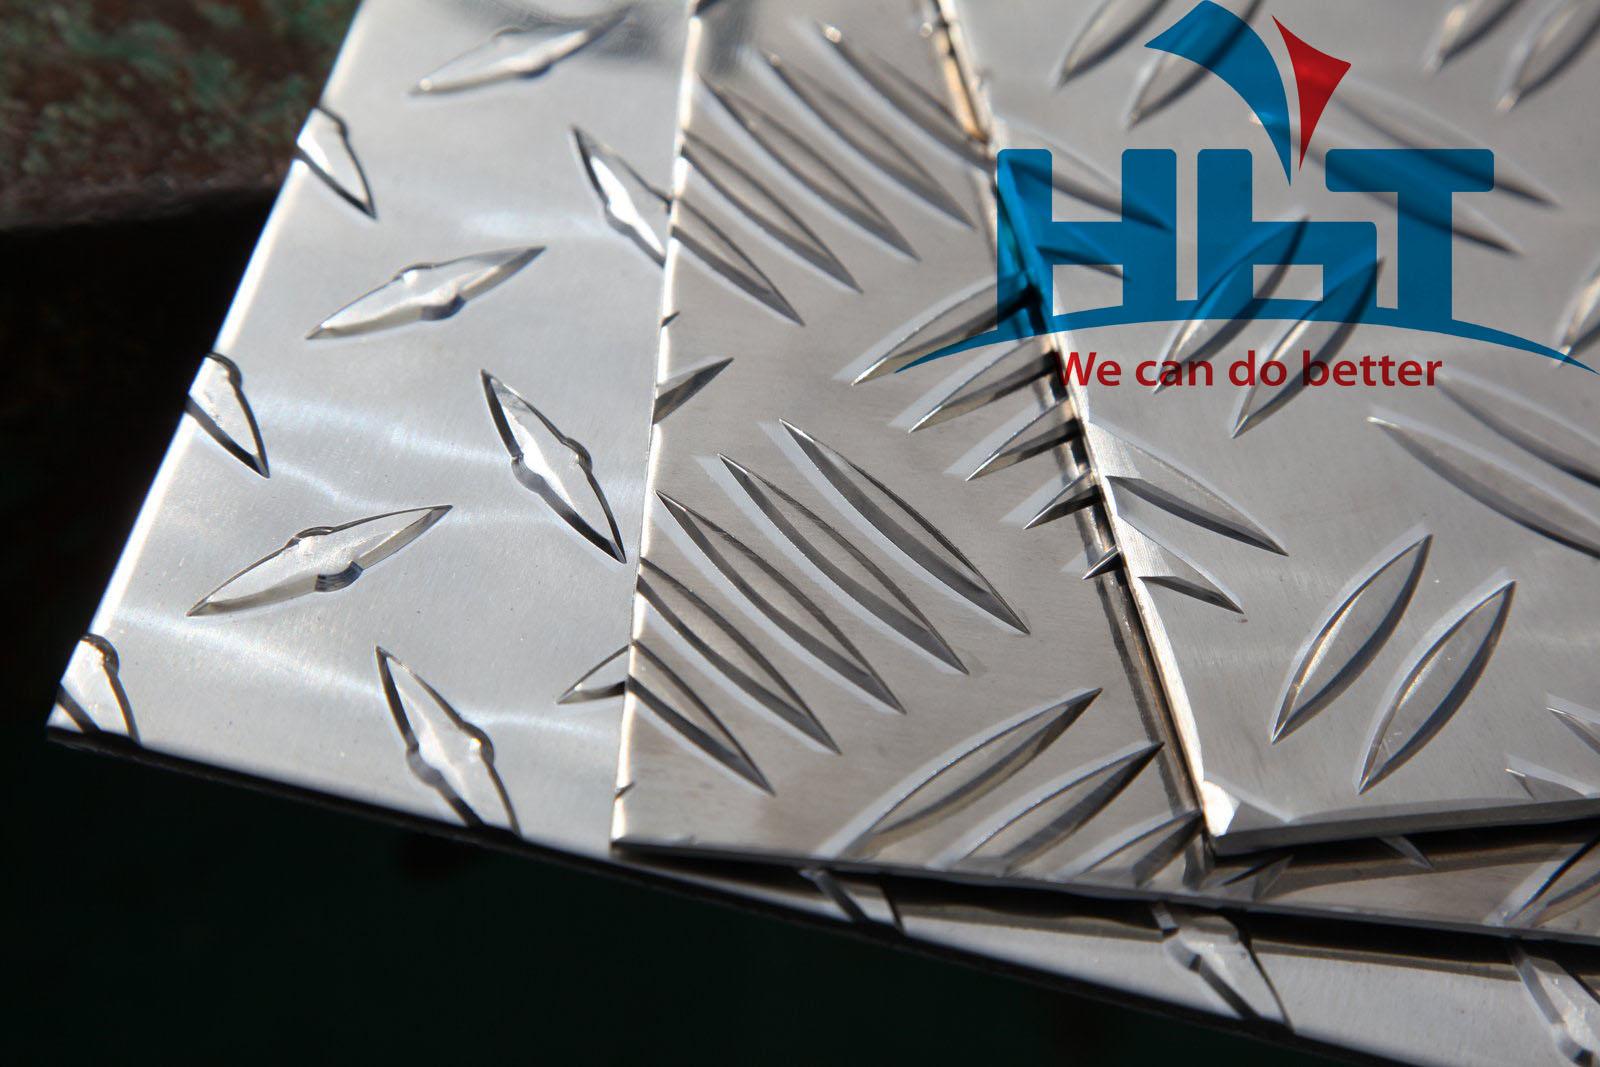 Bán nhôm gân chống trượt HHT uy tín tại TPHCM